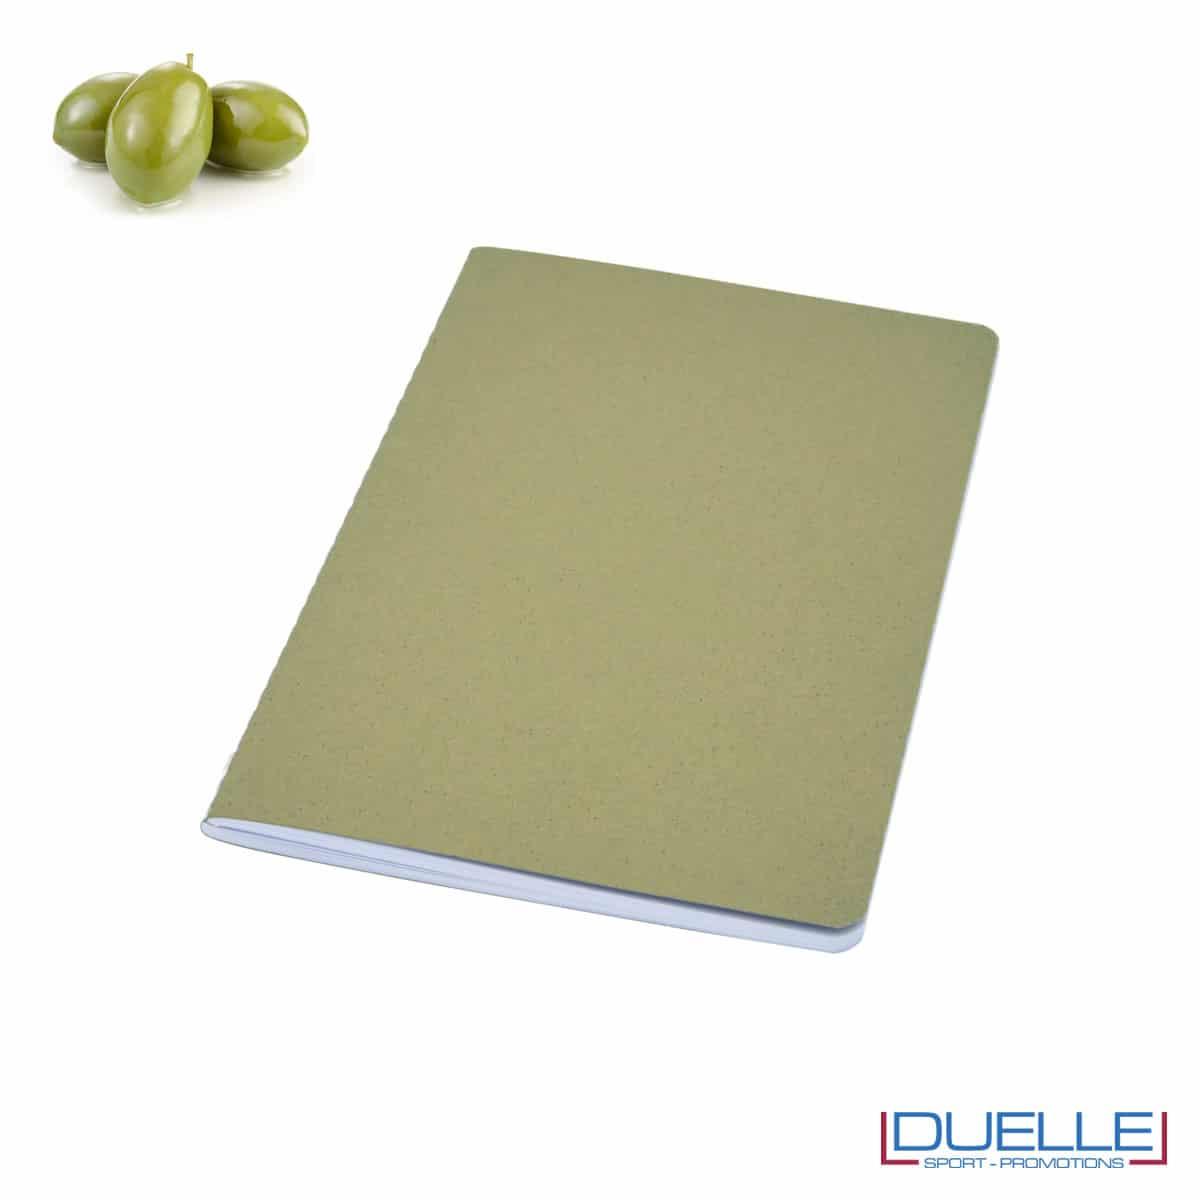 Quaderno carta riciclata con residui della lavorazione delle olive